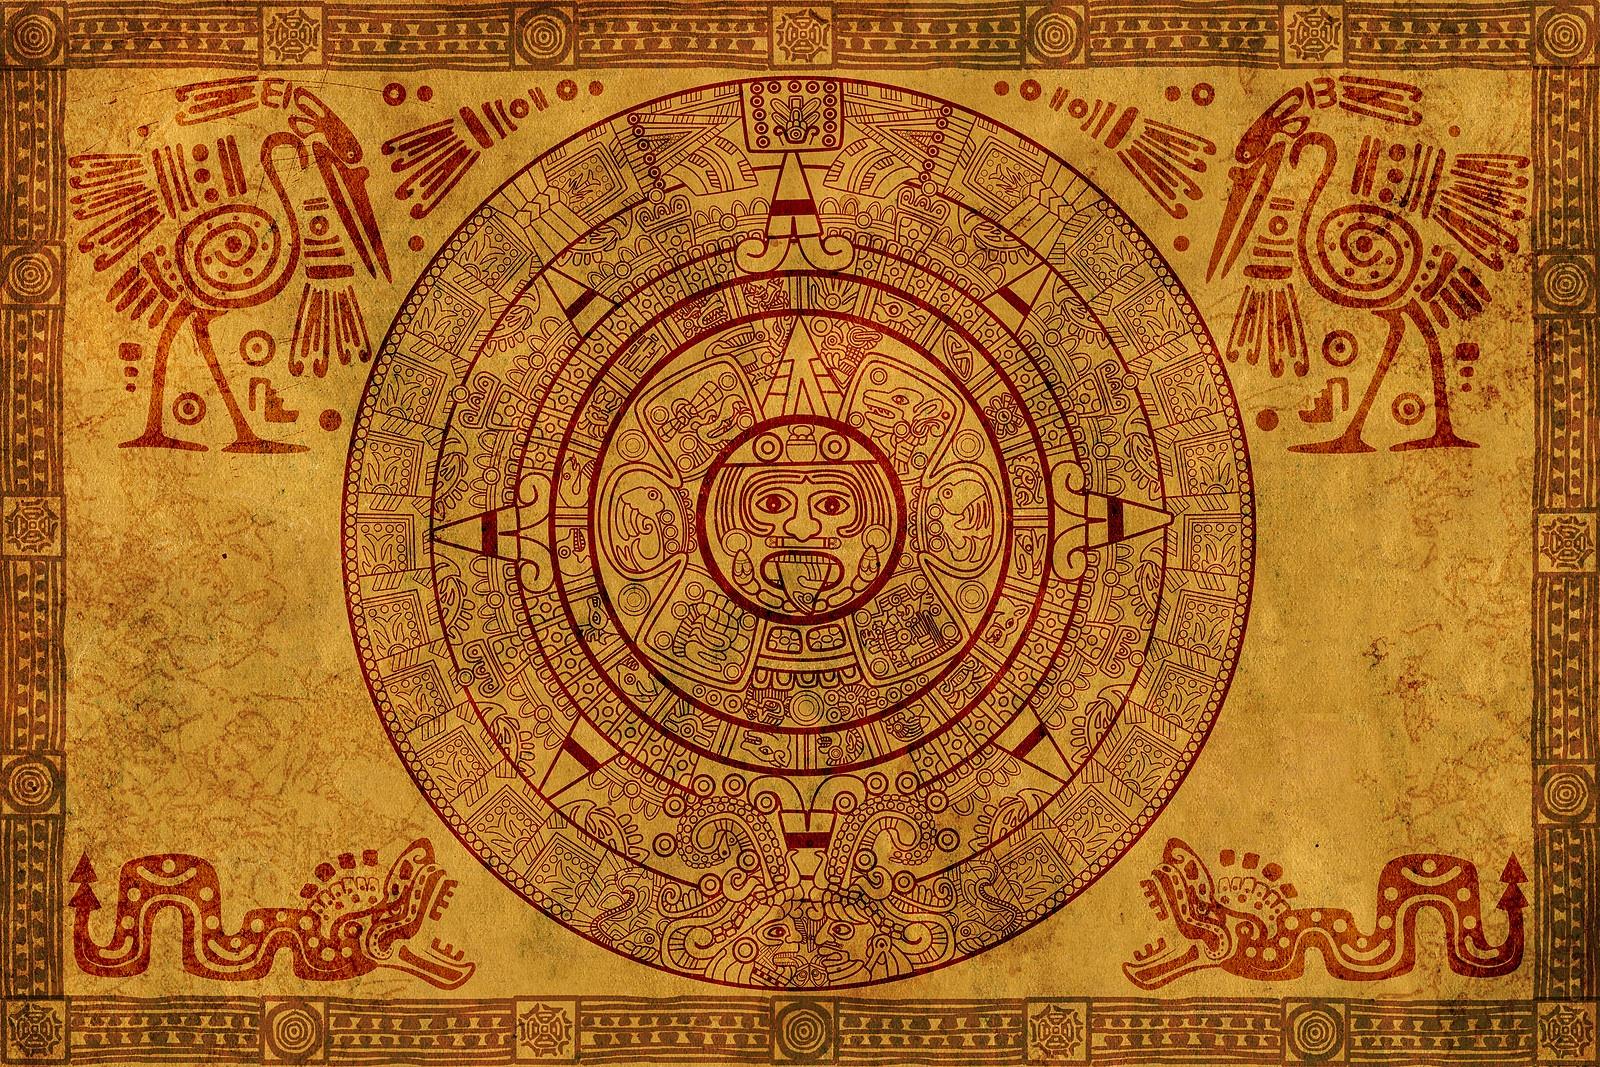 Calendario Maya Nascita.Il Calendario Maya E La Ruota Del Tempo Scopri Qual E Il